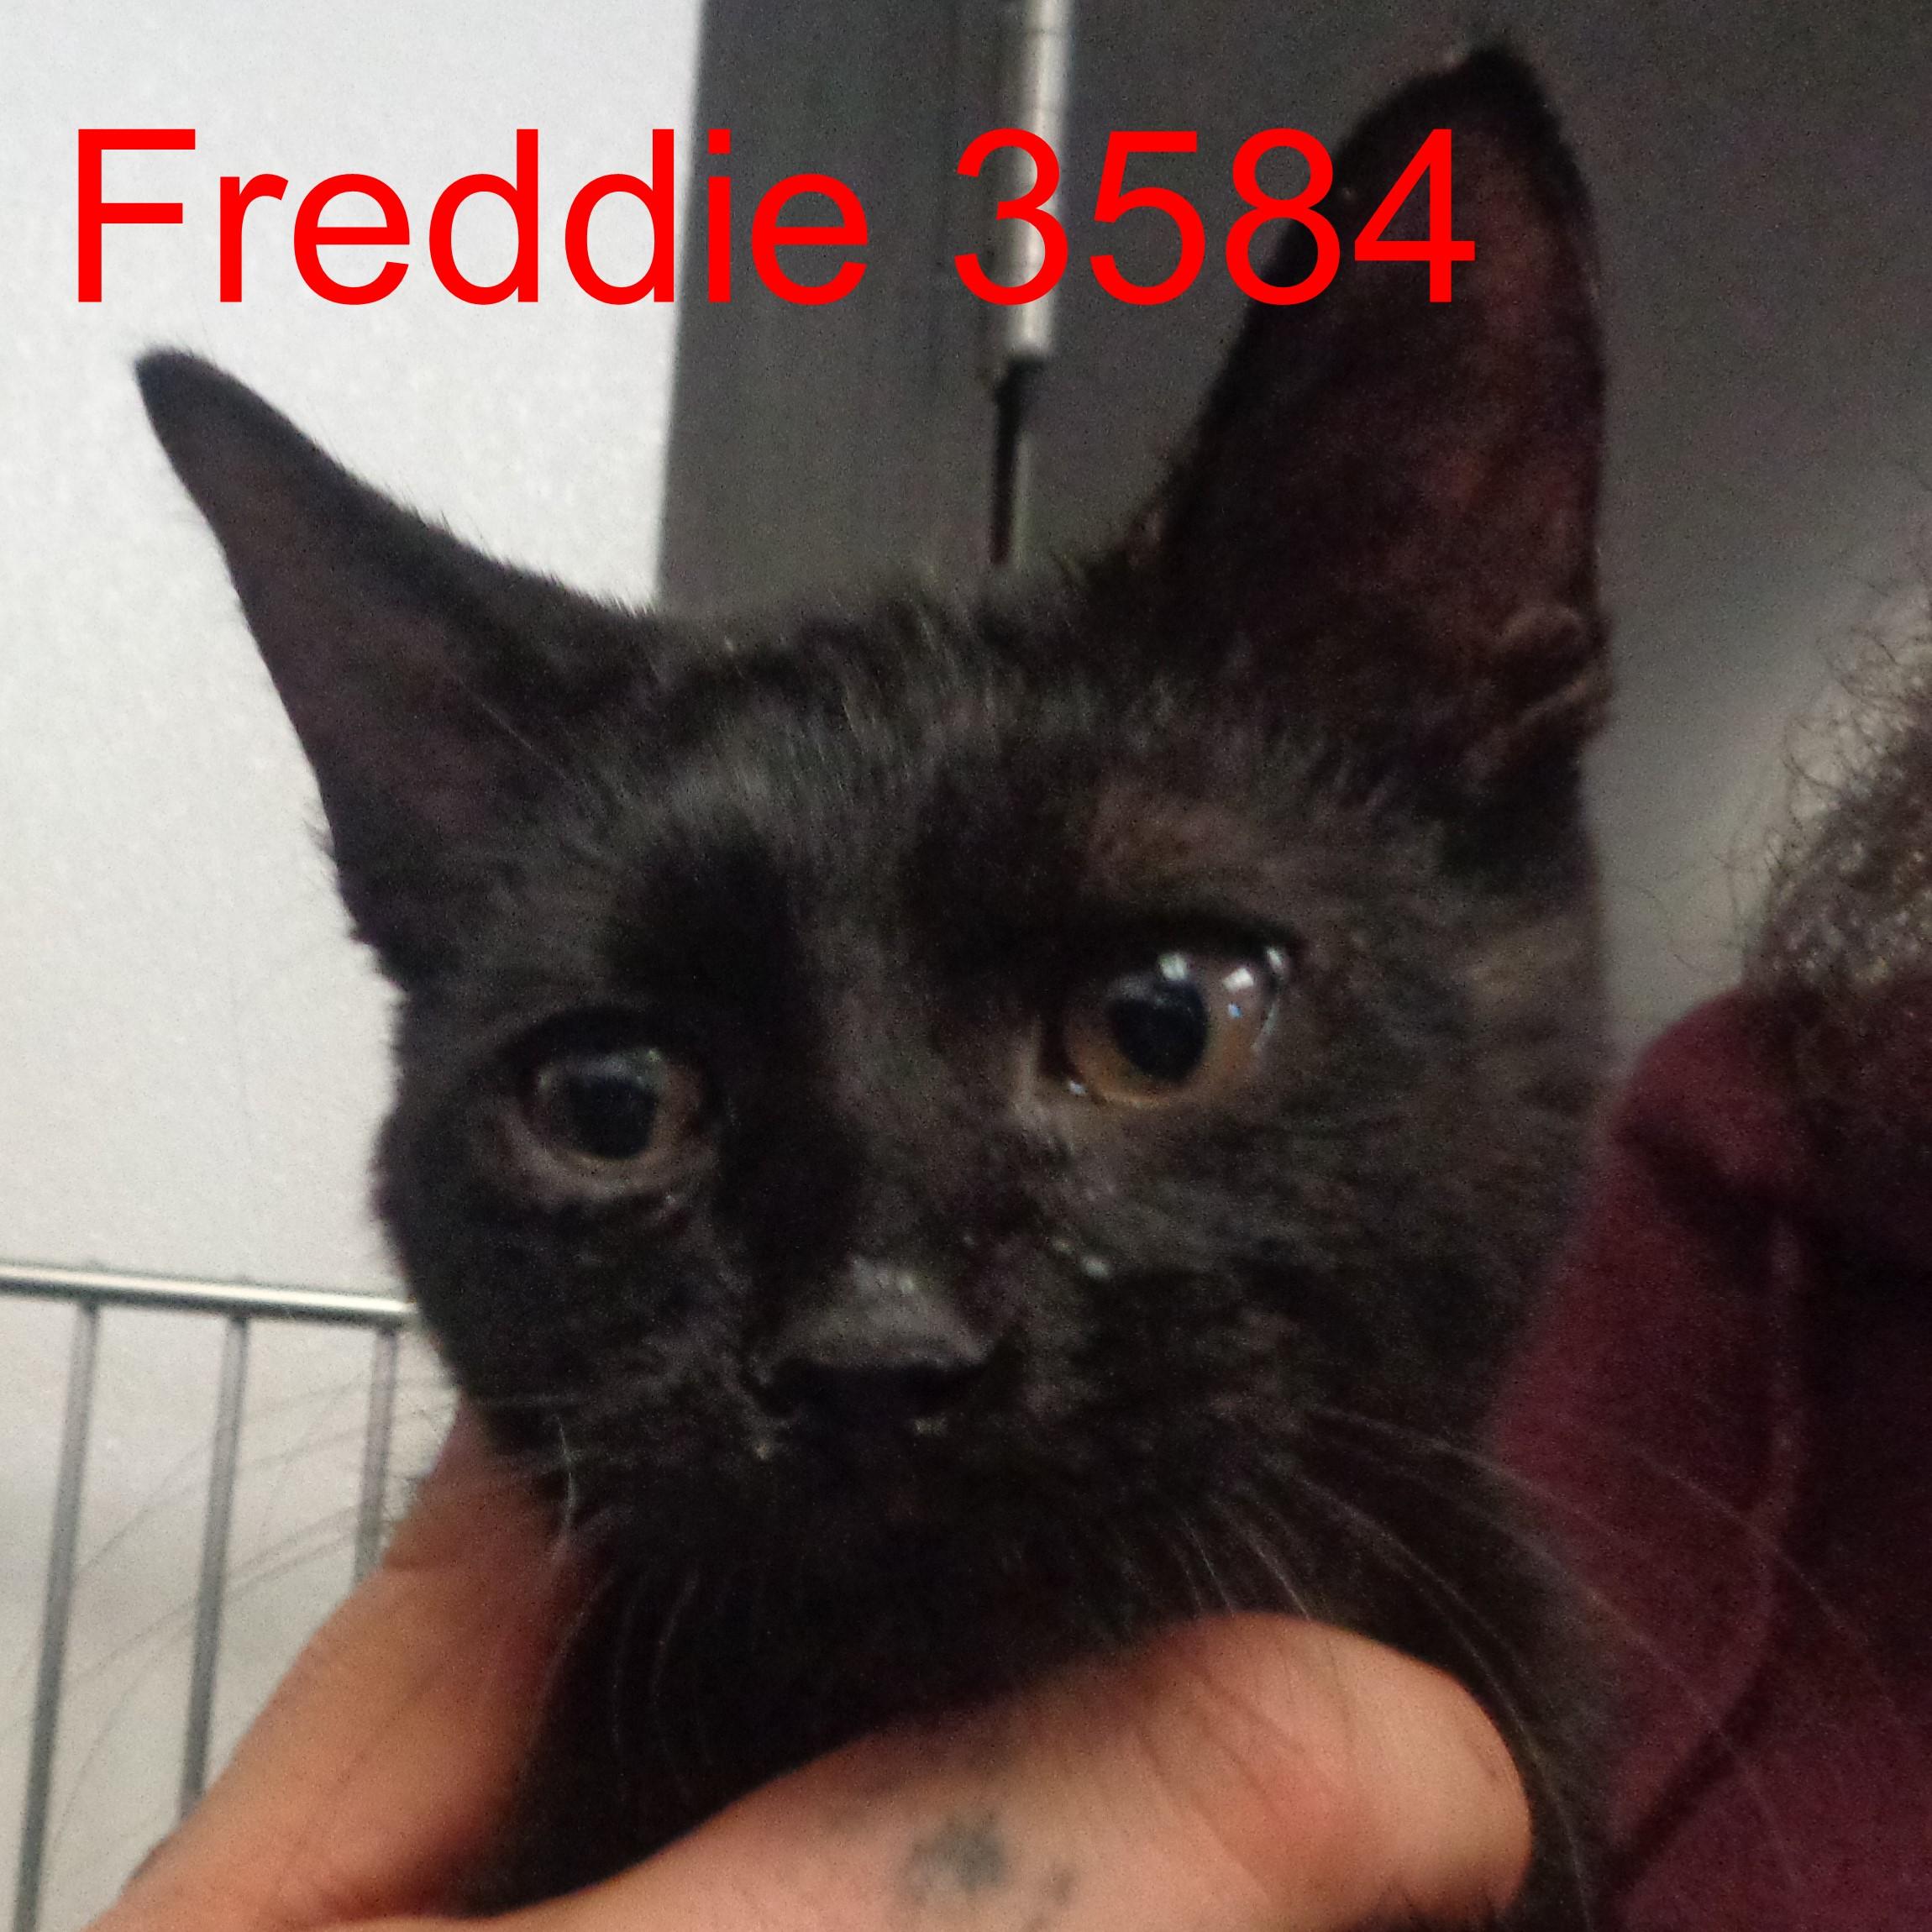 Freddie 3584 .JPG